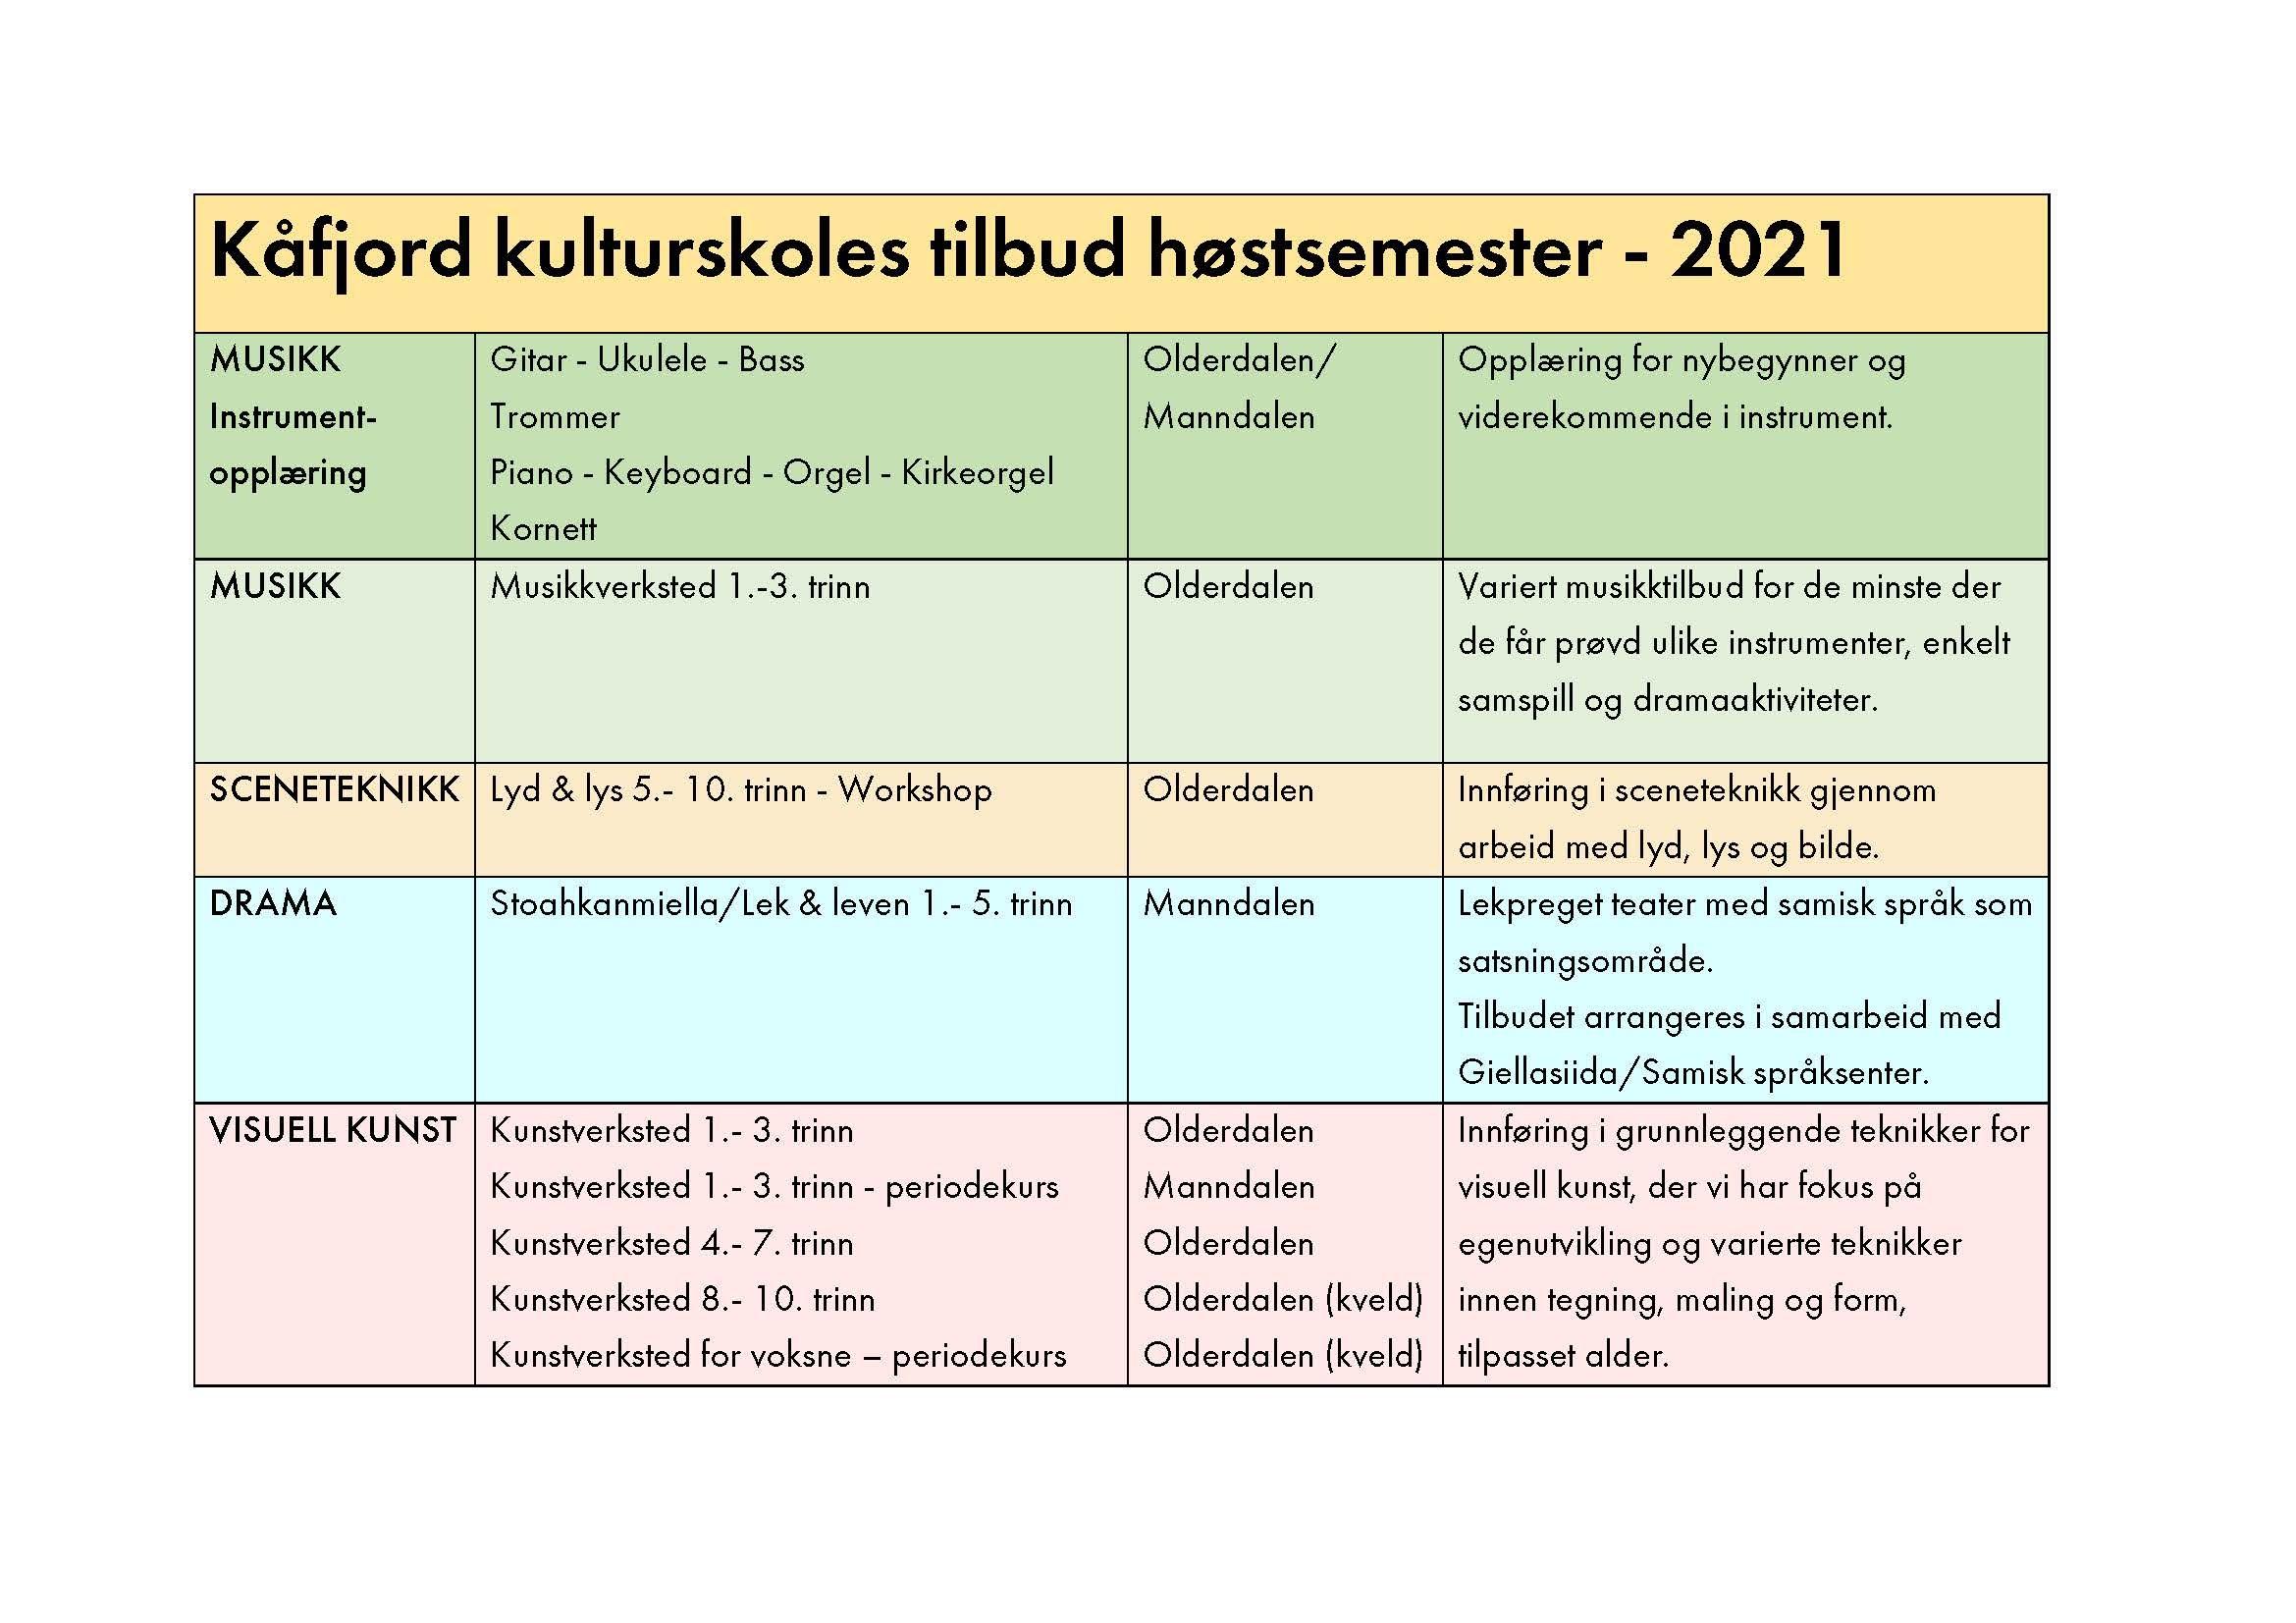 Fagoversikt+Kåjord+kulturskoles+tilbud+høst+2021 (1).jpg